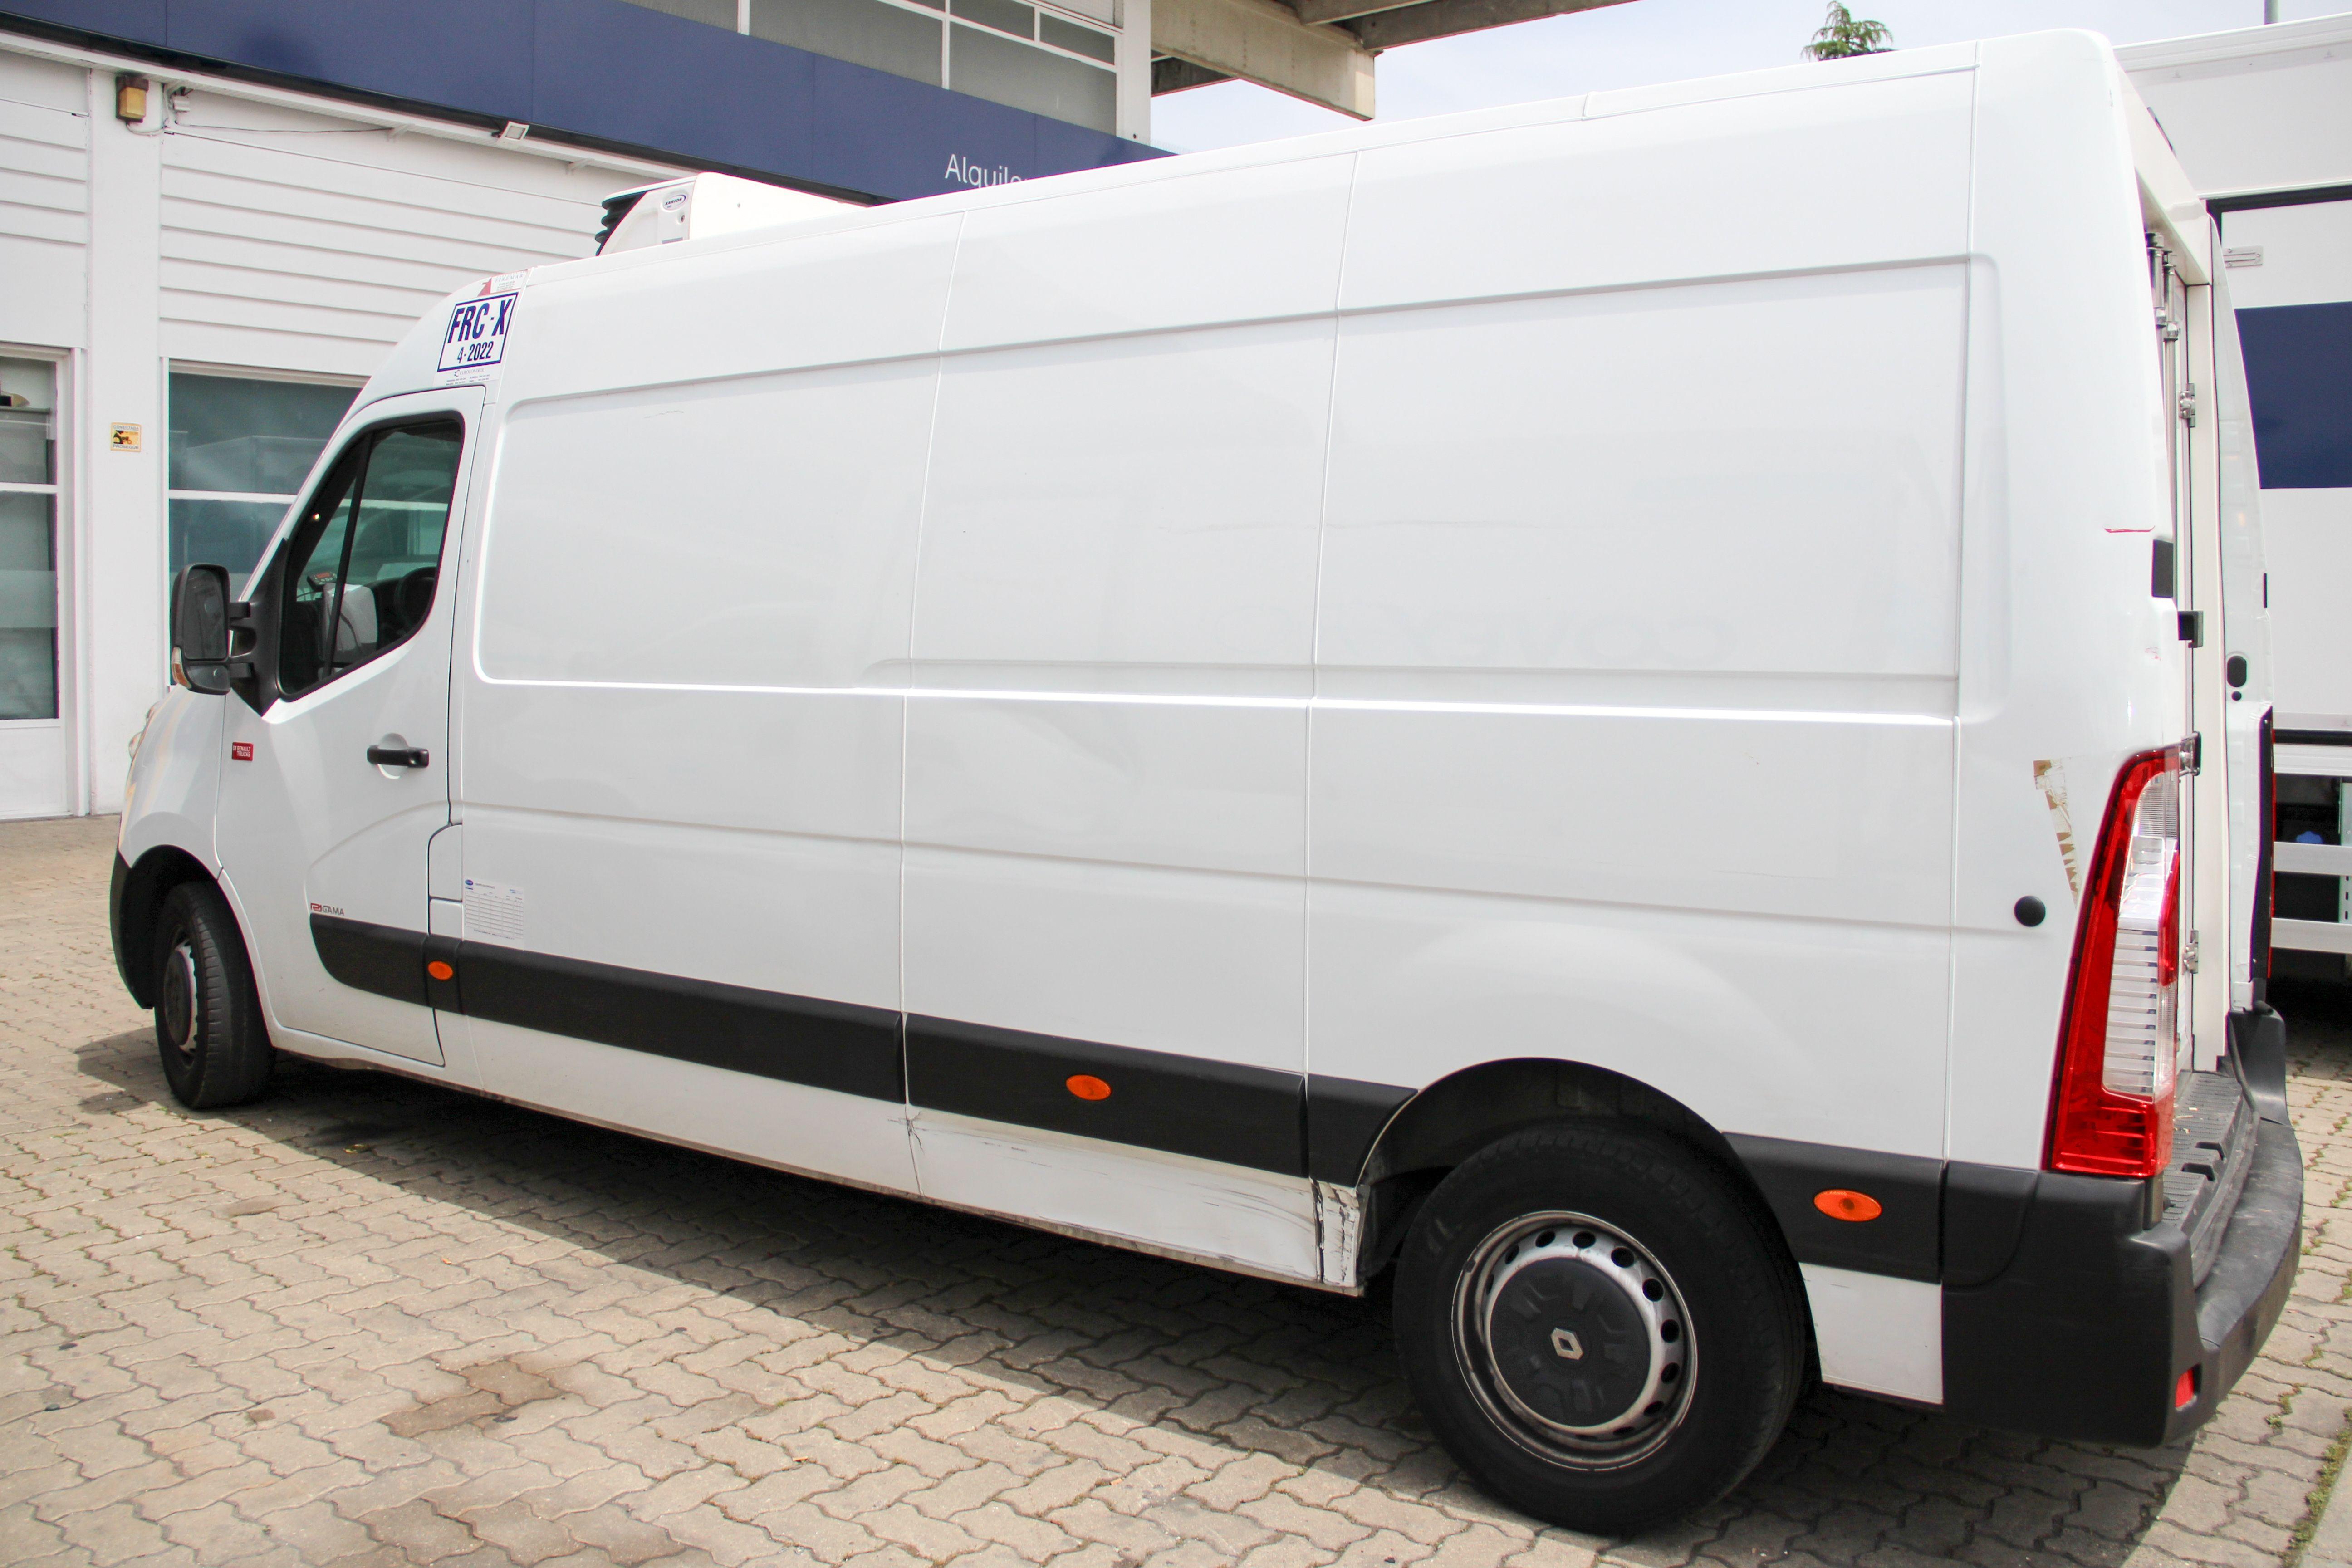 Transportes frigoríficos en Alcalá de Henares